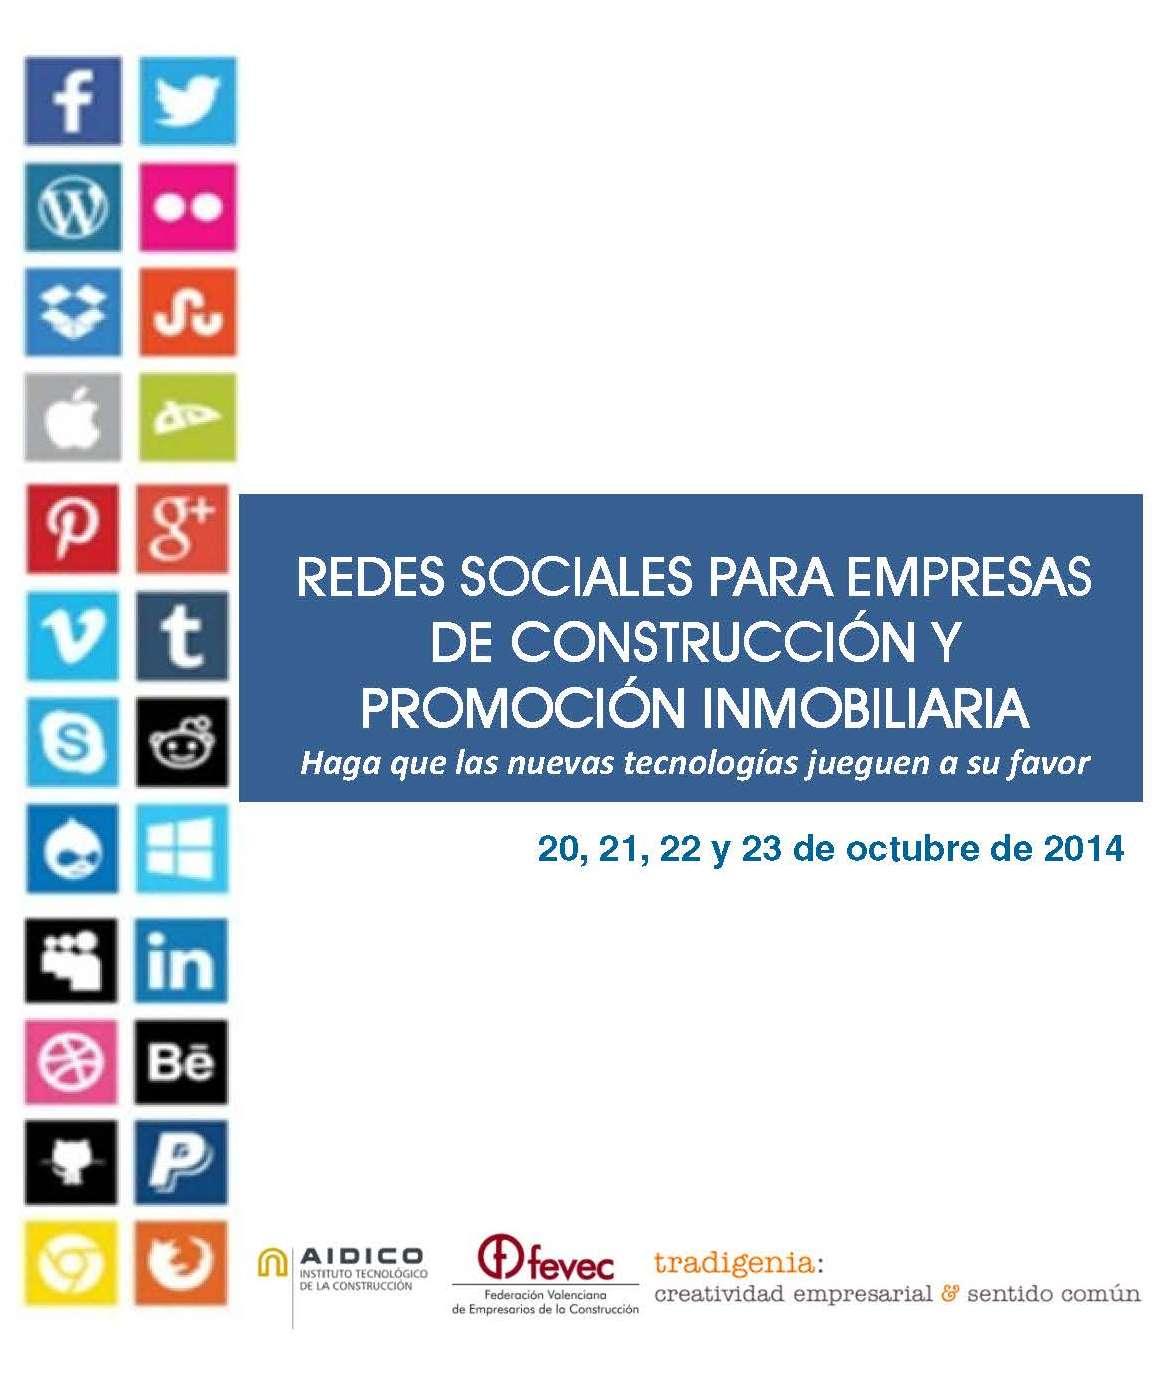 Redes sociales para empresas de construcci n y promoci n inmobiliaria programas ceei - Empresas construccion valencia ...